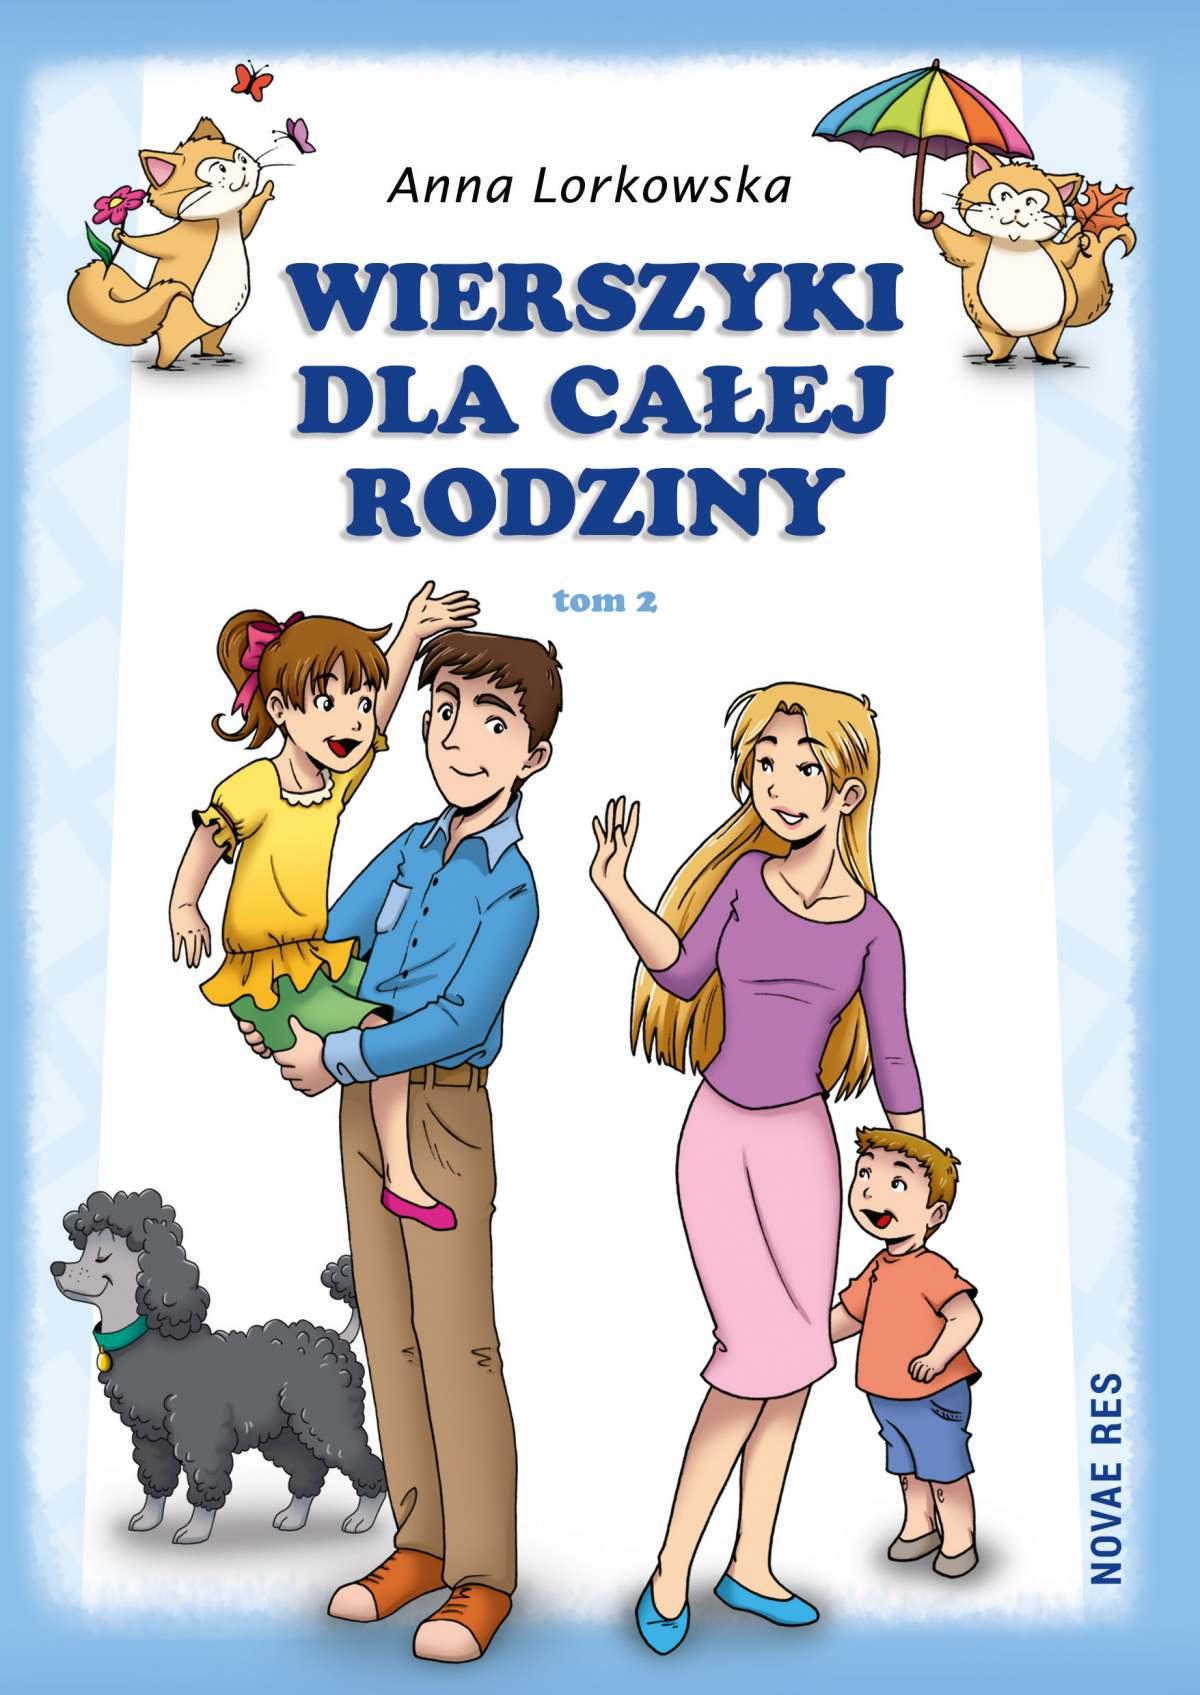 Wierszyki dla całej rodziny. Tom 2 - Ebook (Książka na Kindle) do pobrania w formacie MOBI